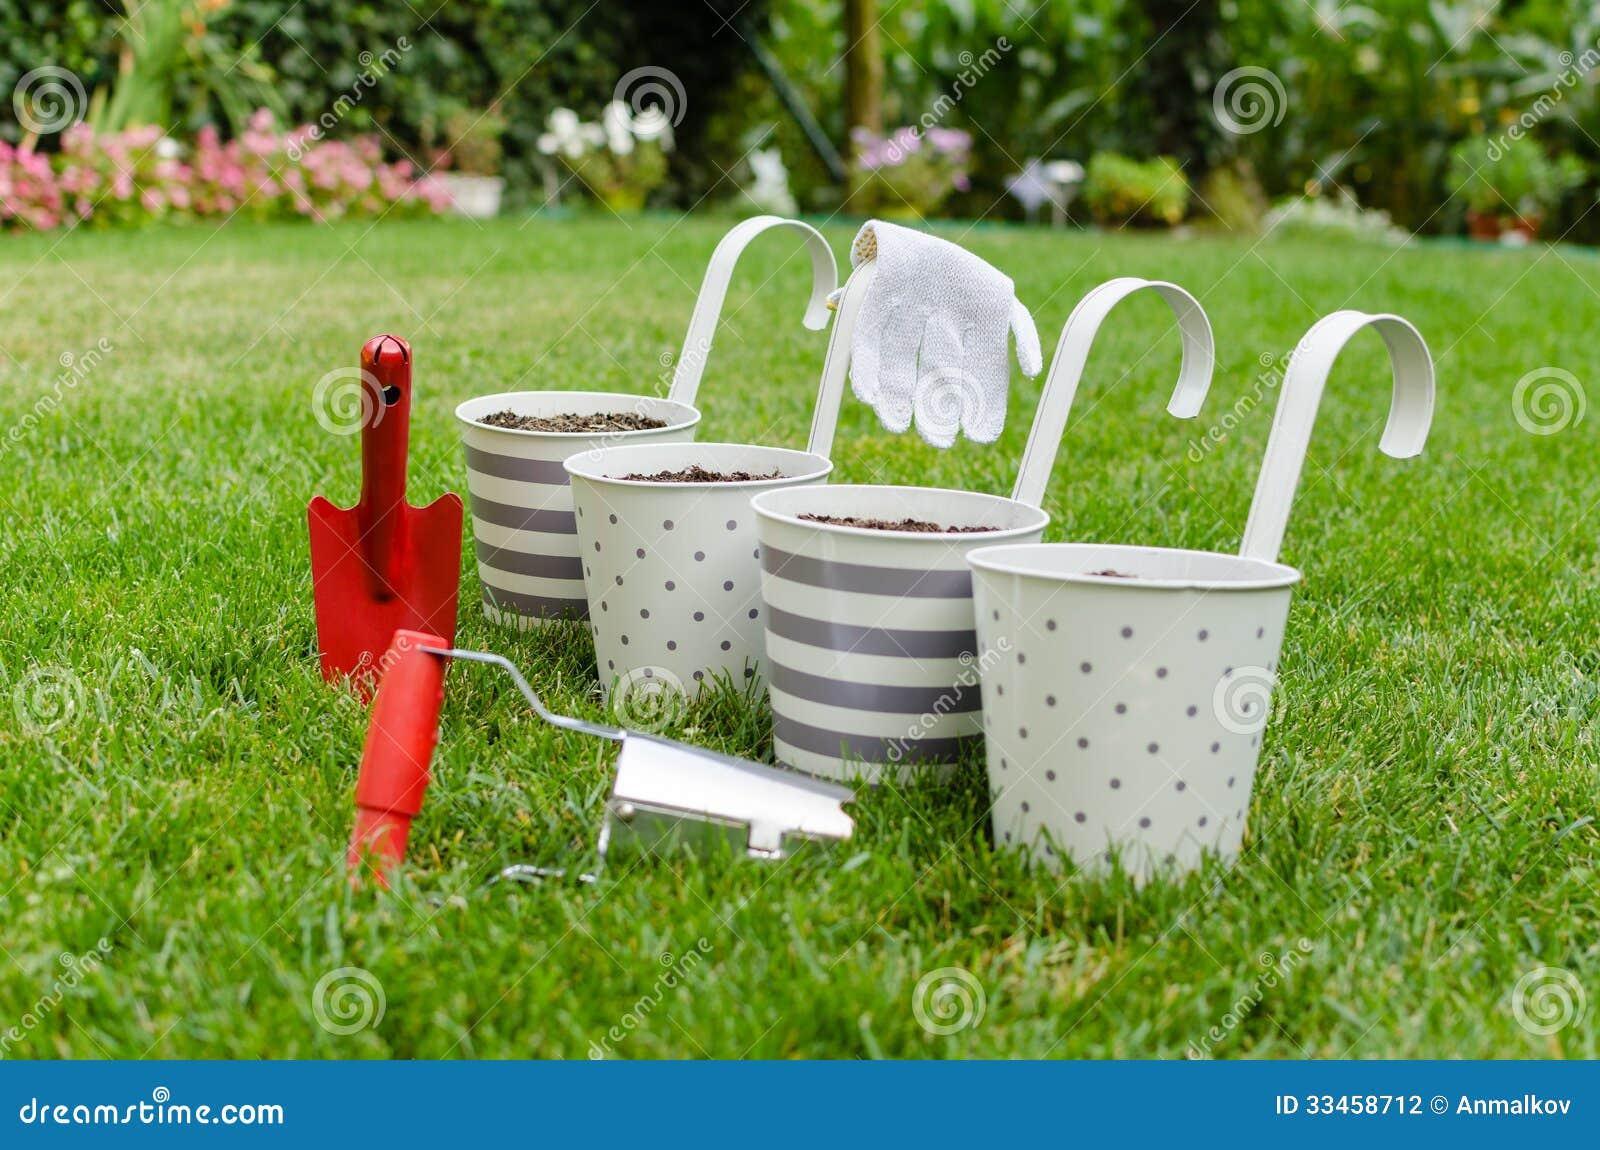 vasi da fiori e attrezzi per bricolage del giardino